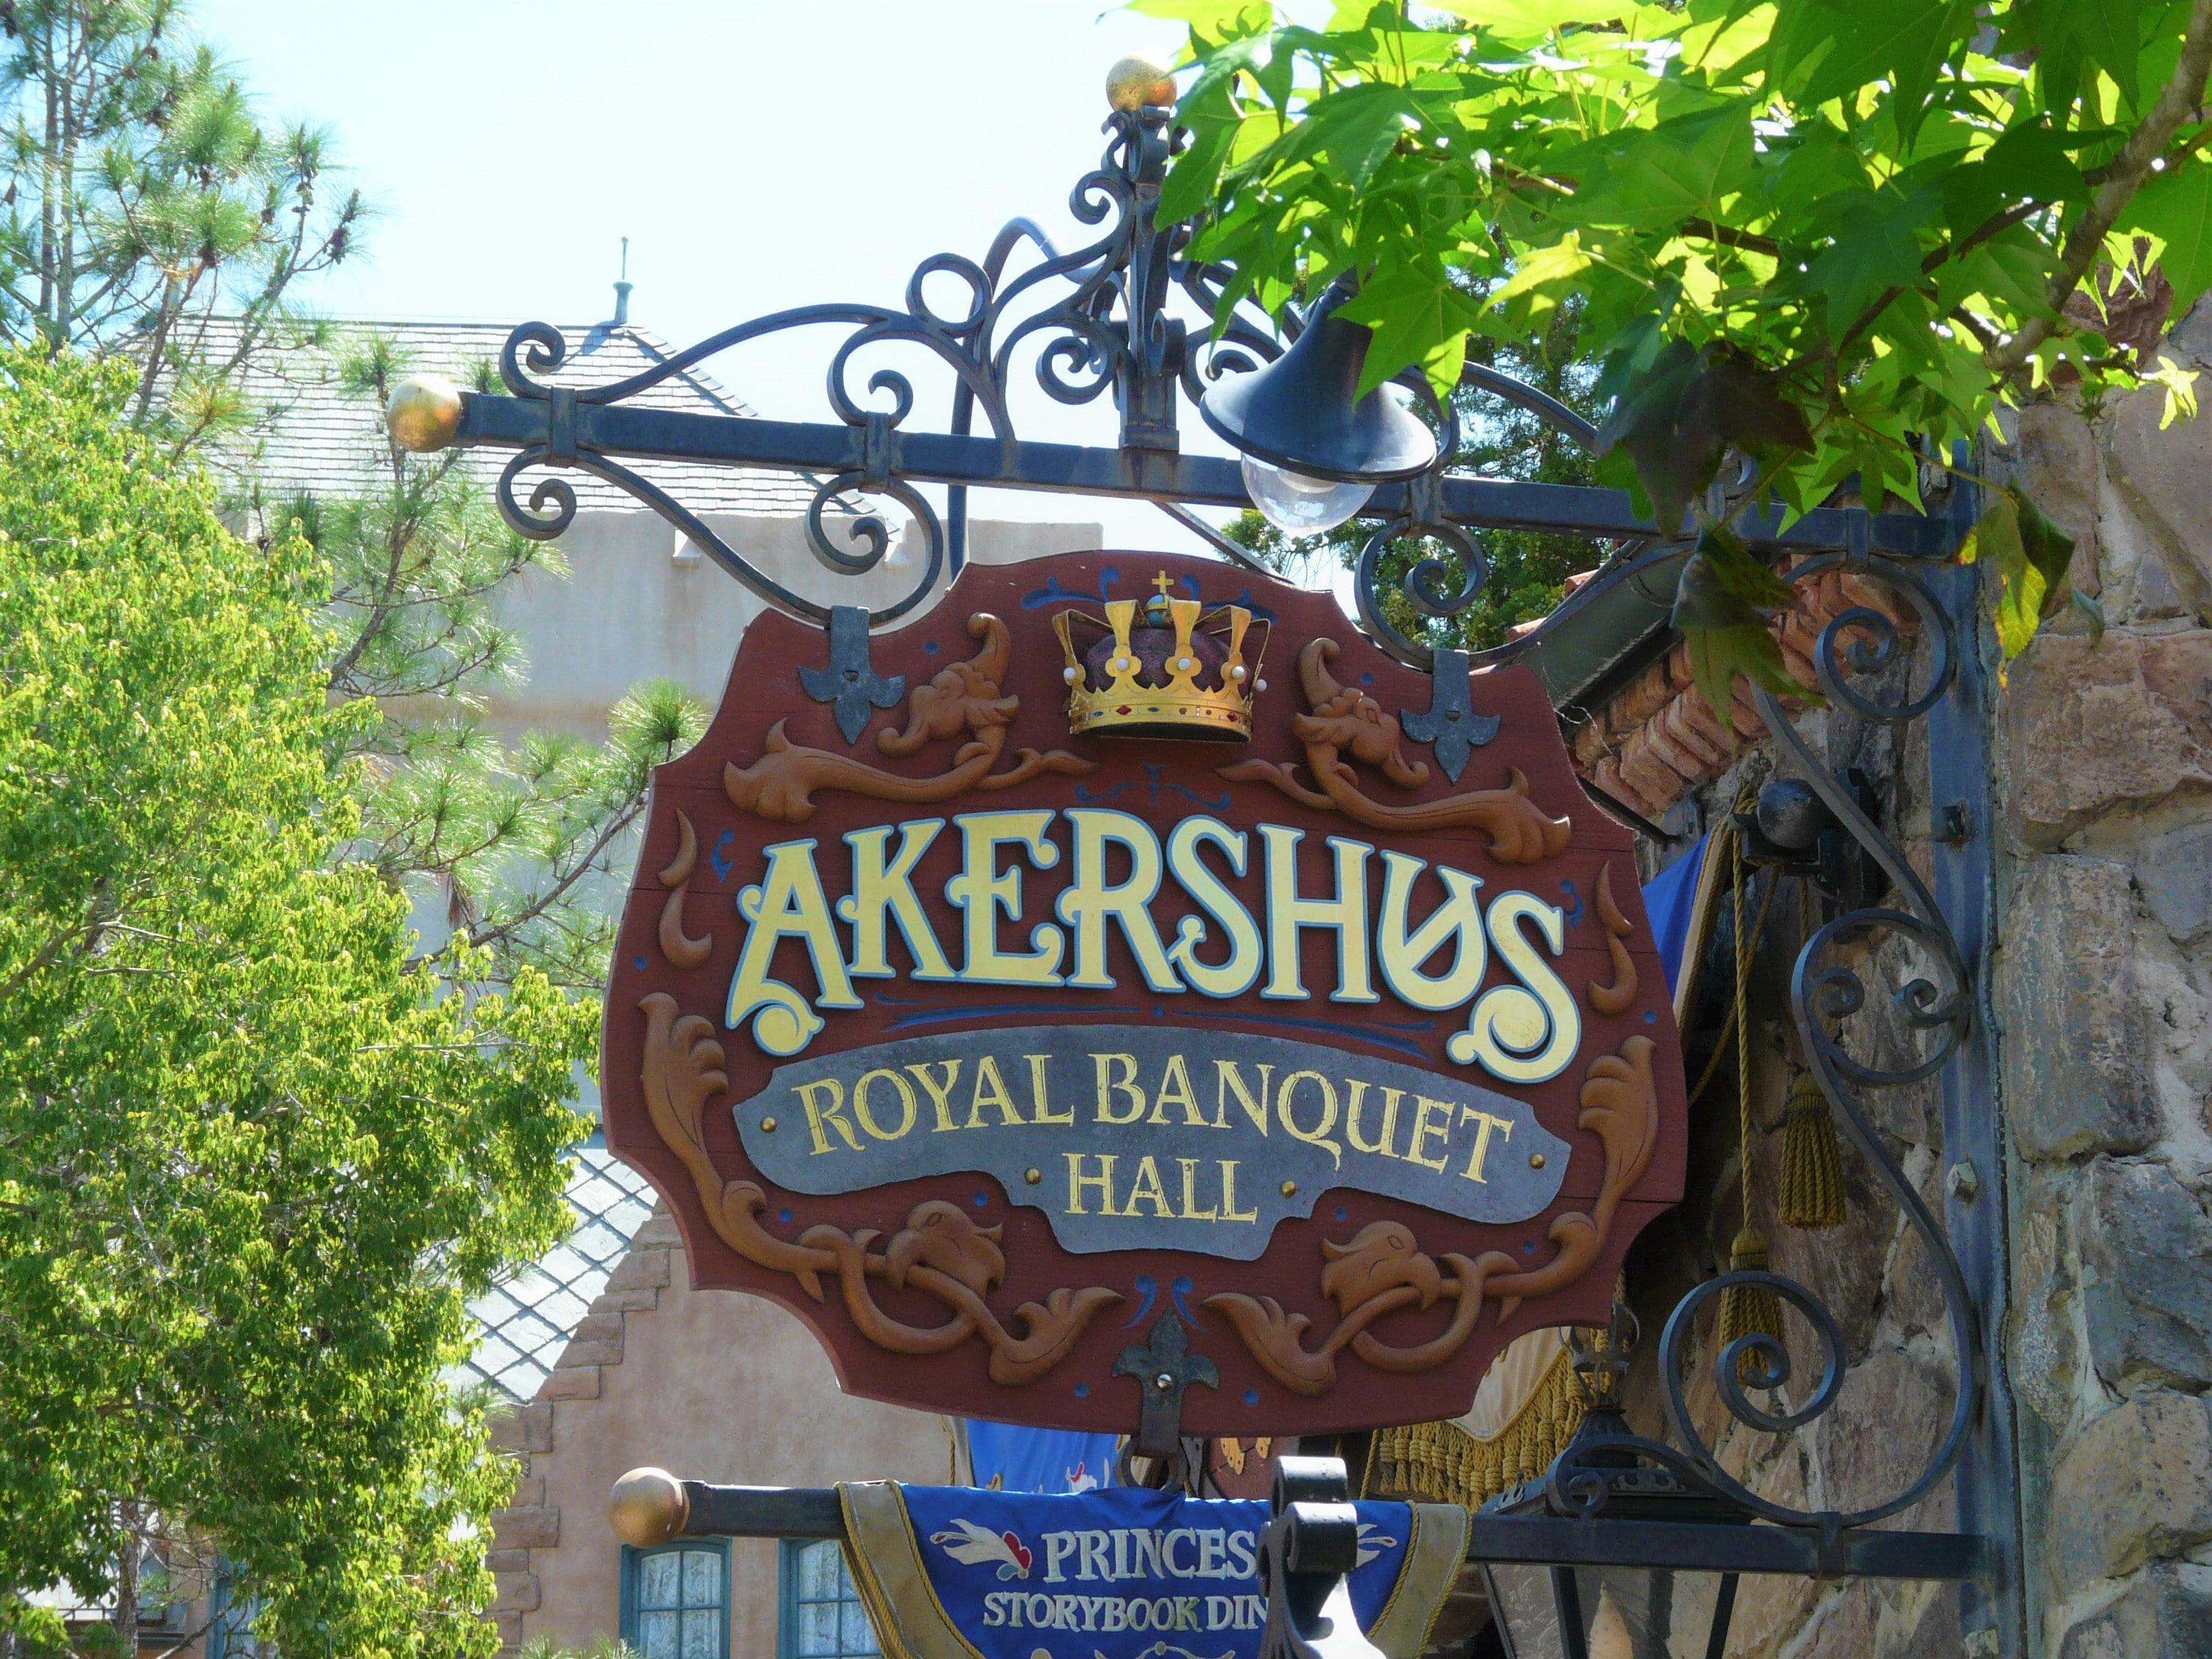 Akershus Royal Banquet Hall restaurant at Epcot